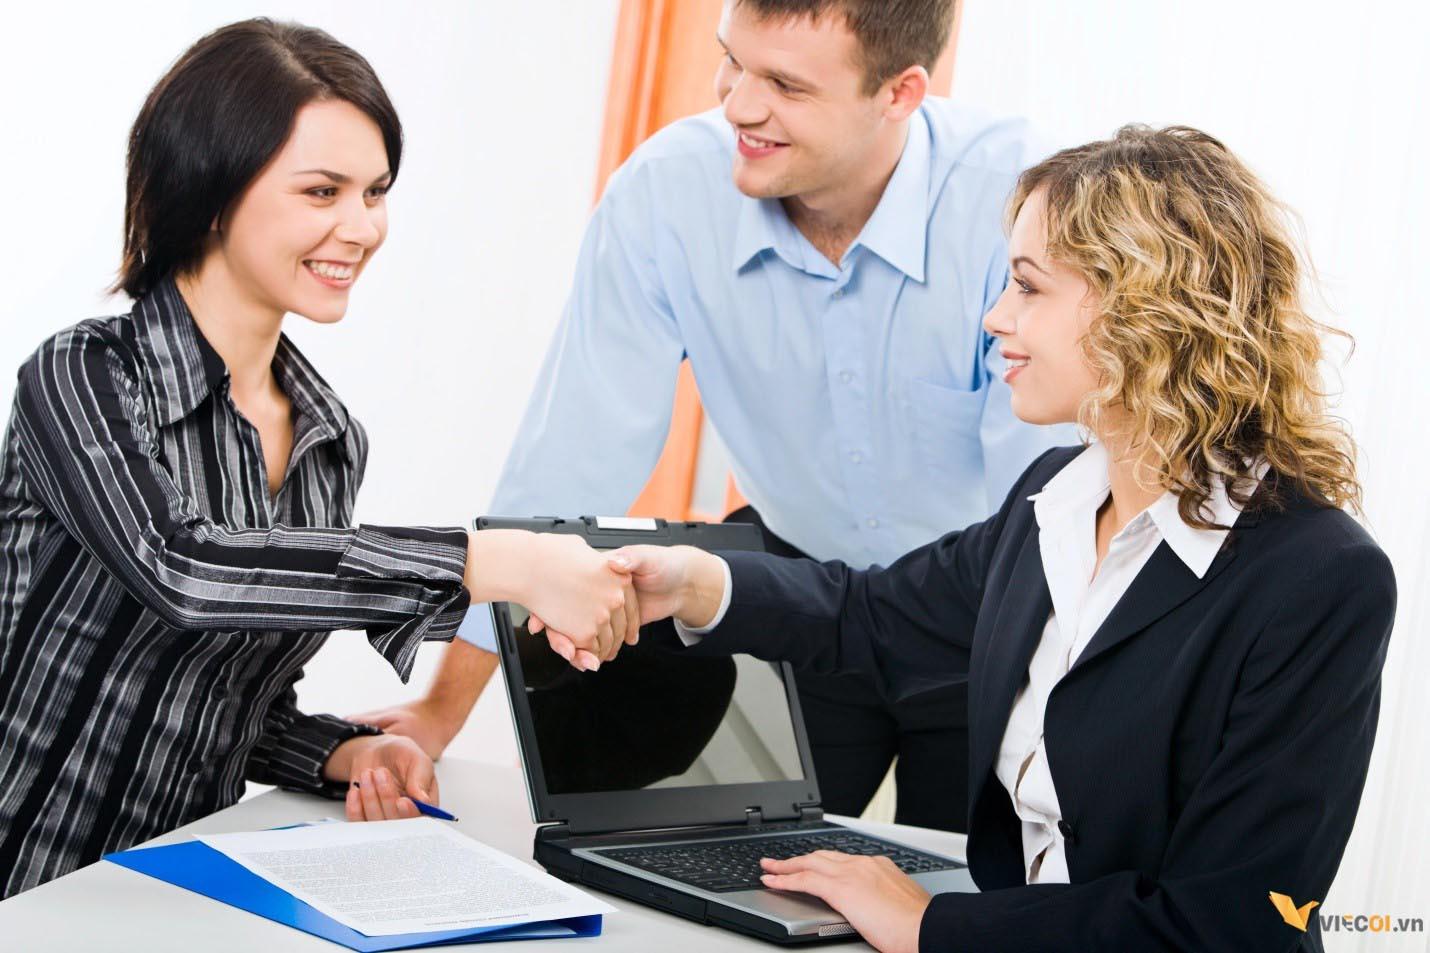 Làm gì để trở thành một chuyên viên tư vấn thành công